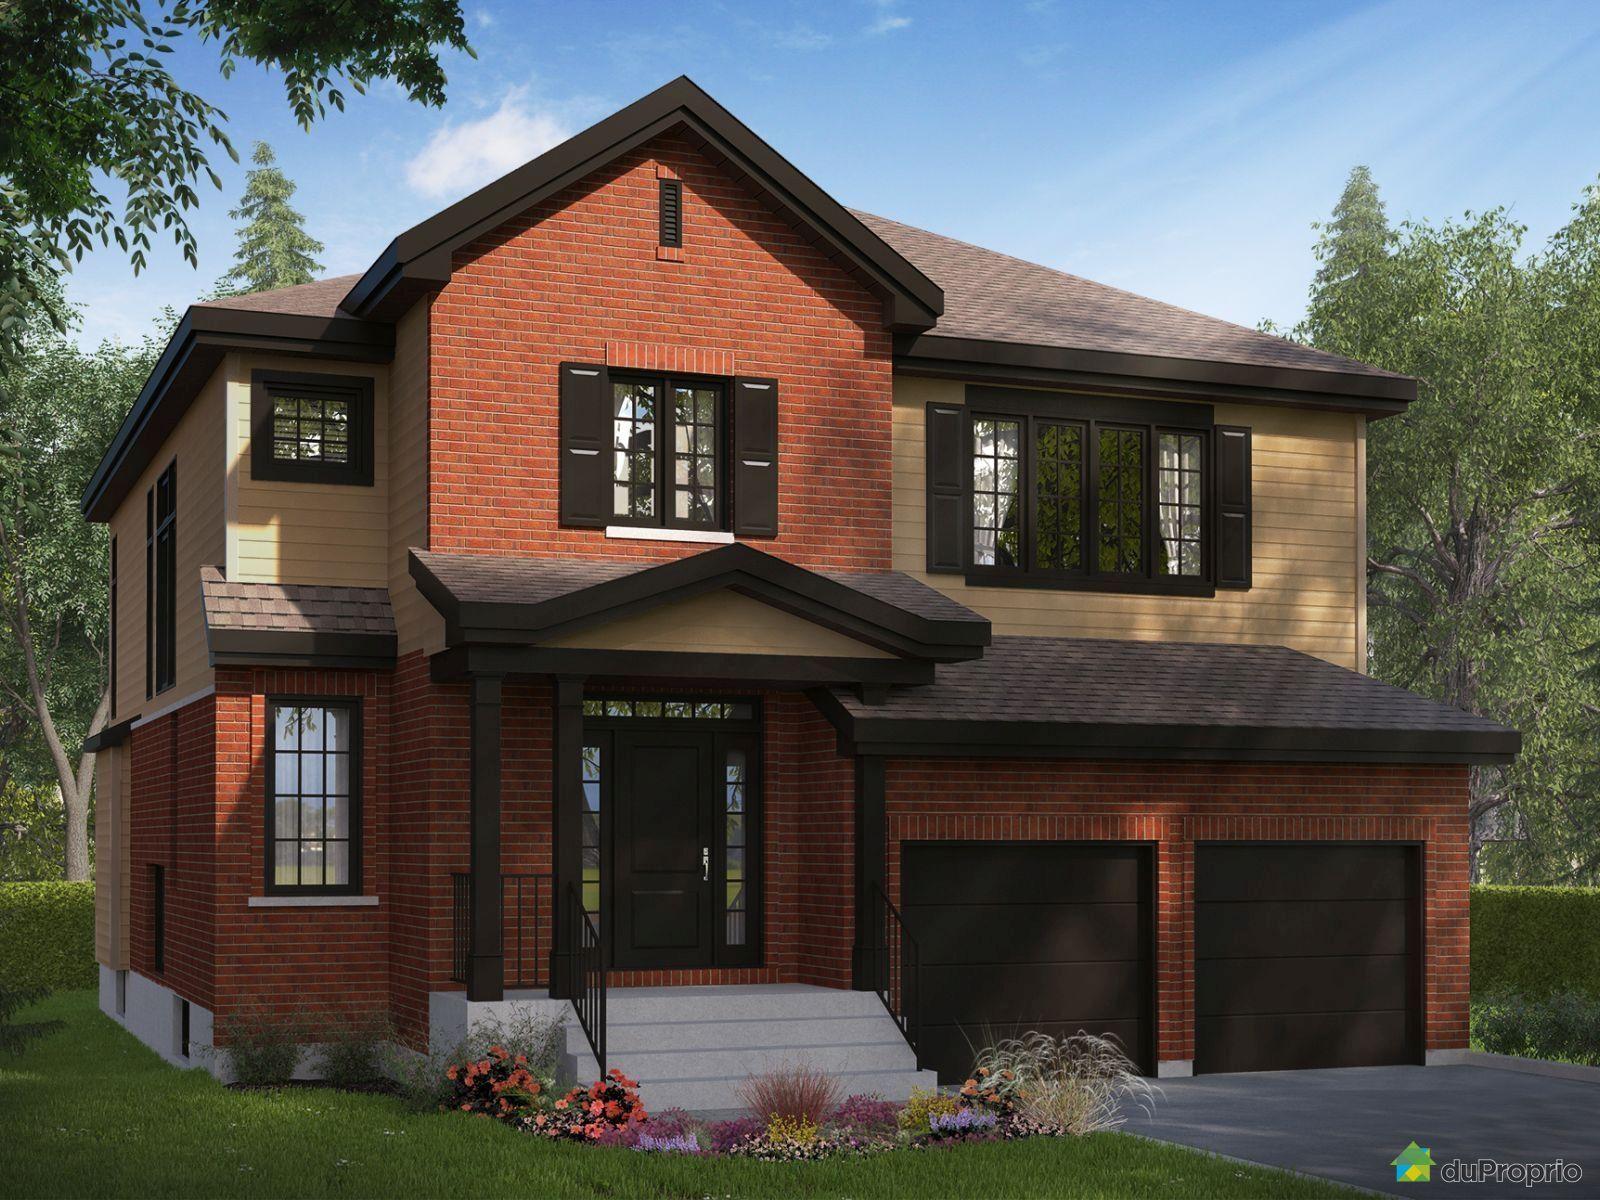 Maison neuve vendre montr al 152 avenue de dieppe for Maison claire prix